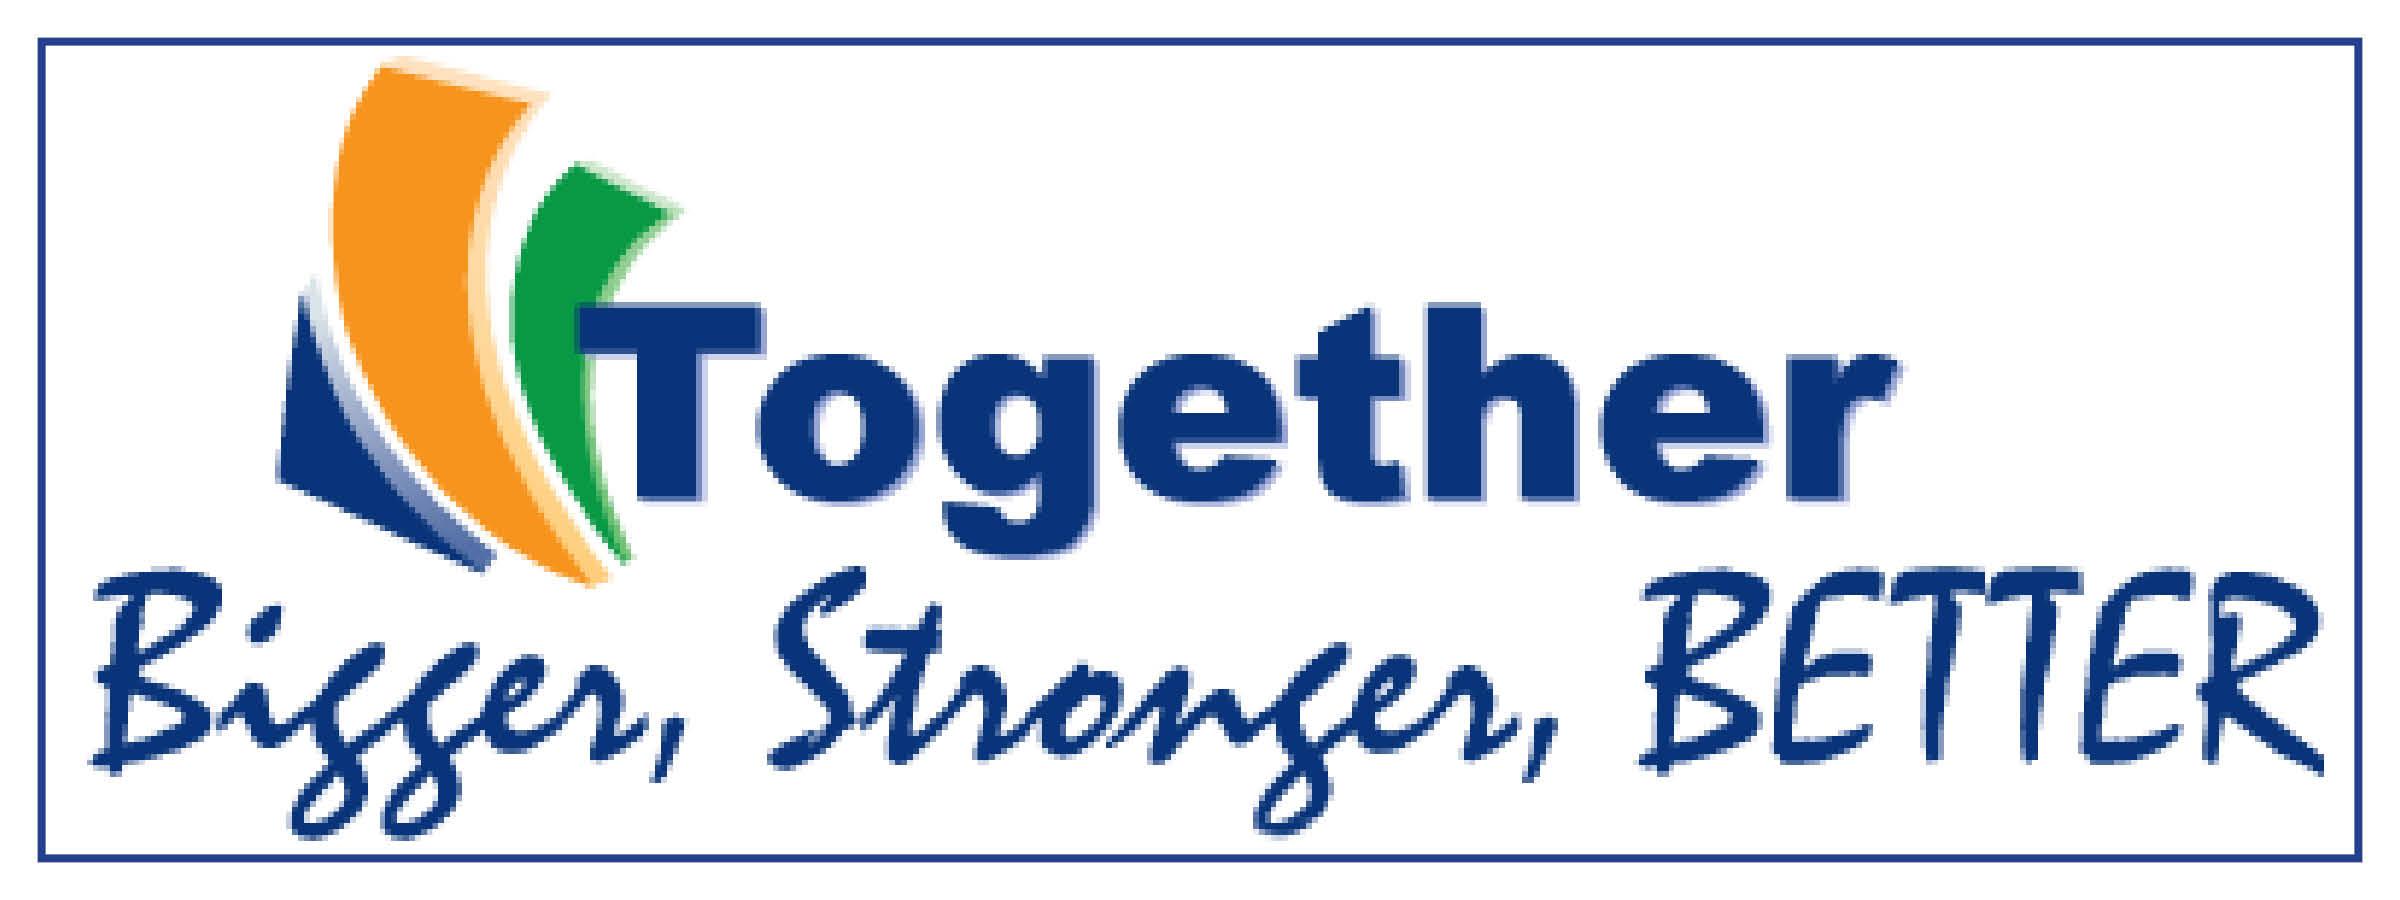 Together Bigger Stronger Better